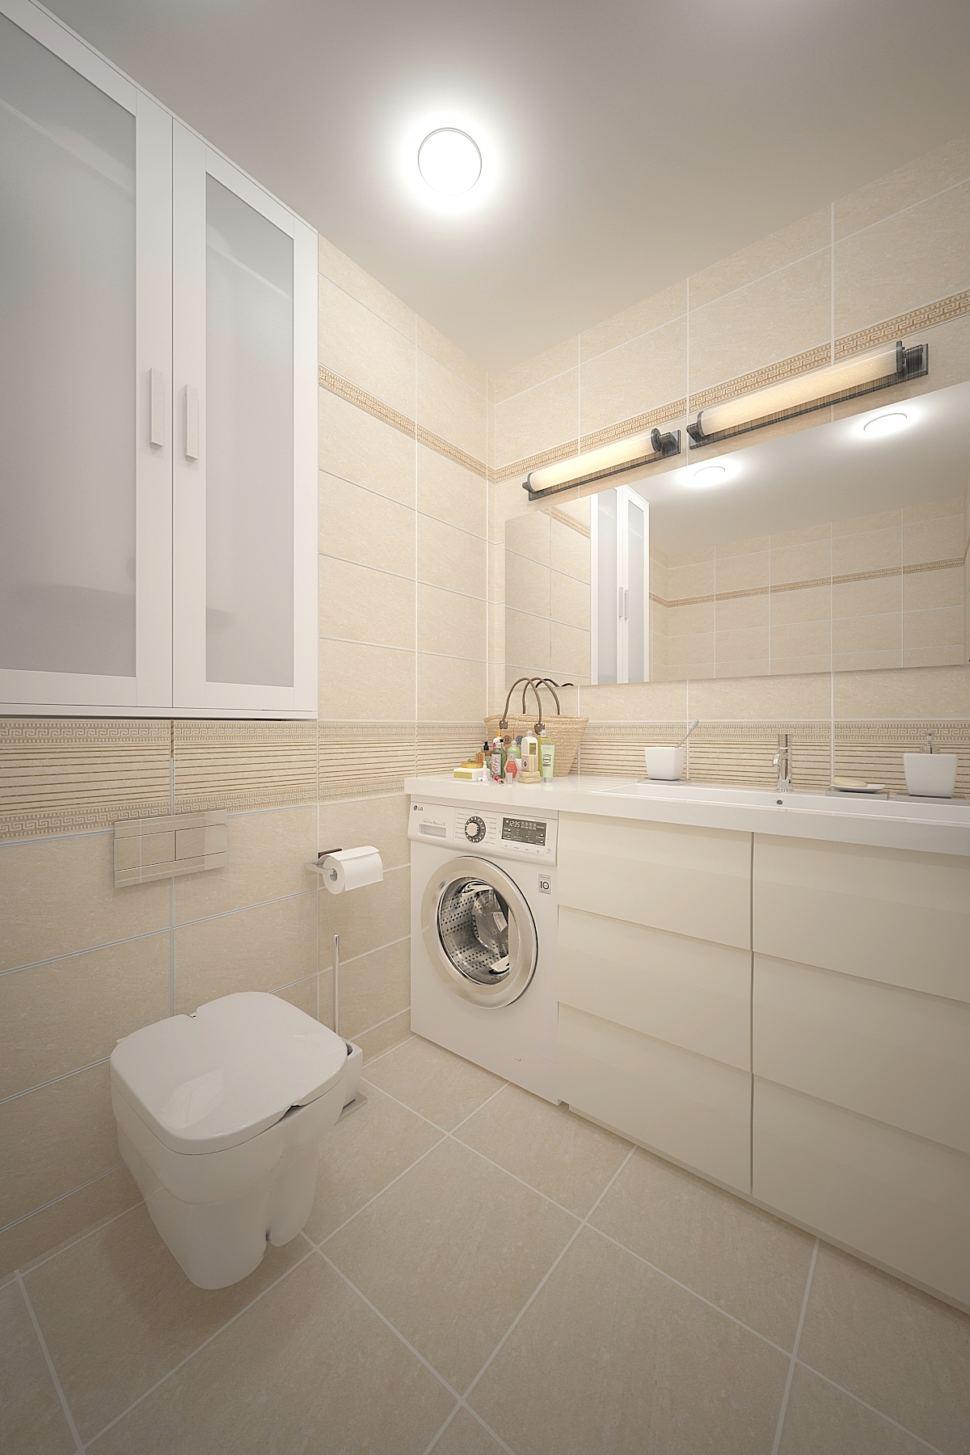 Интерьер ванной комнаты 3 кв.м в бежевых тонах, белый шкаф, унитаз, стиральная машина, тумба, мойка, большое зеркало